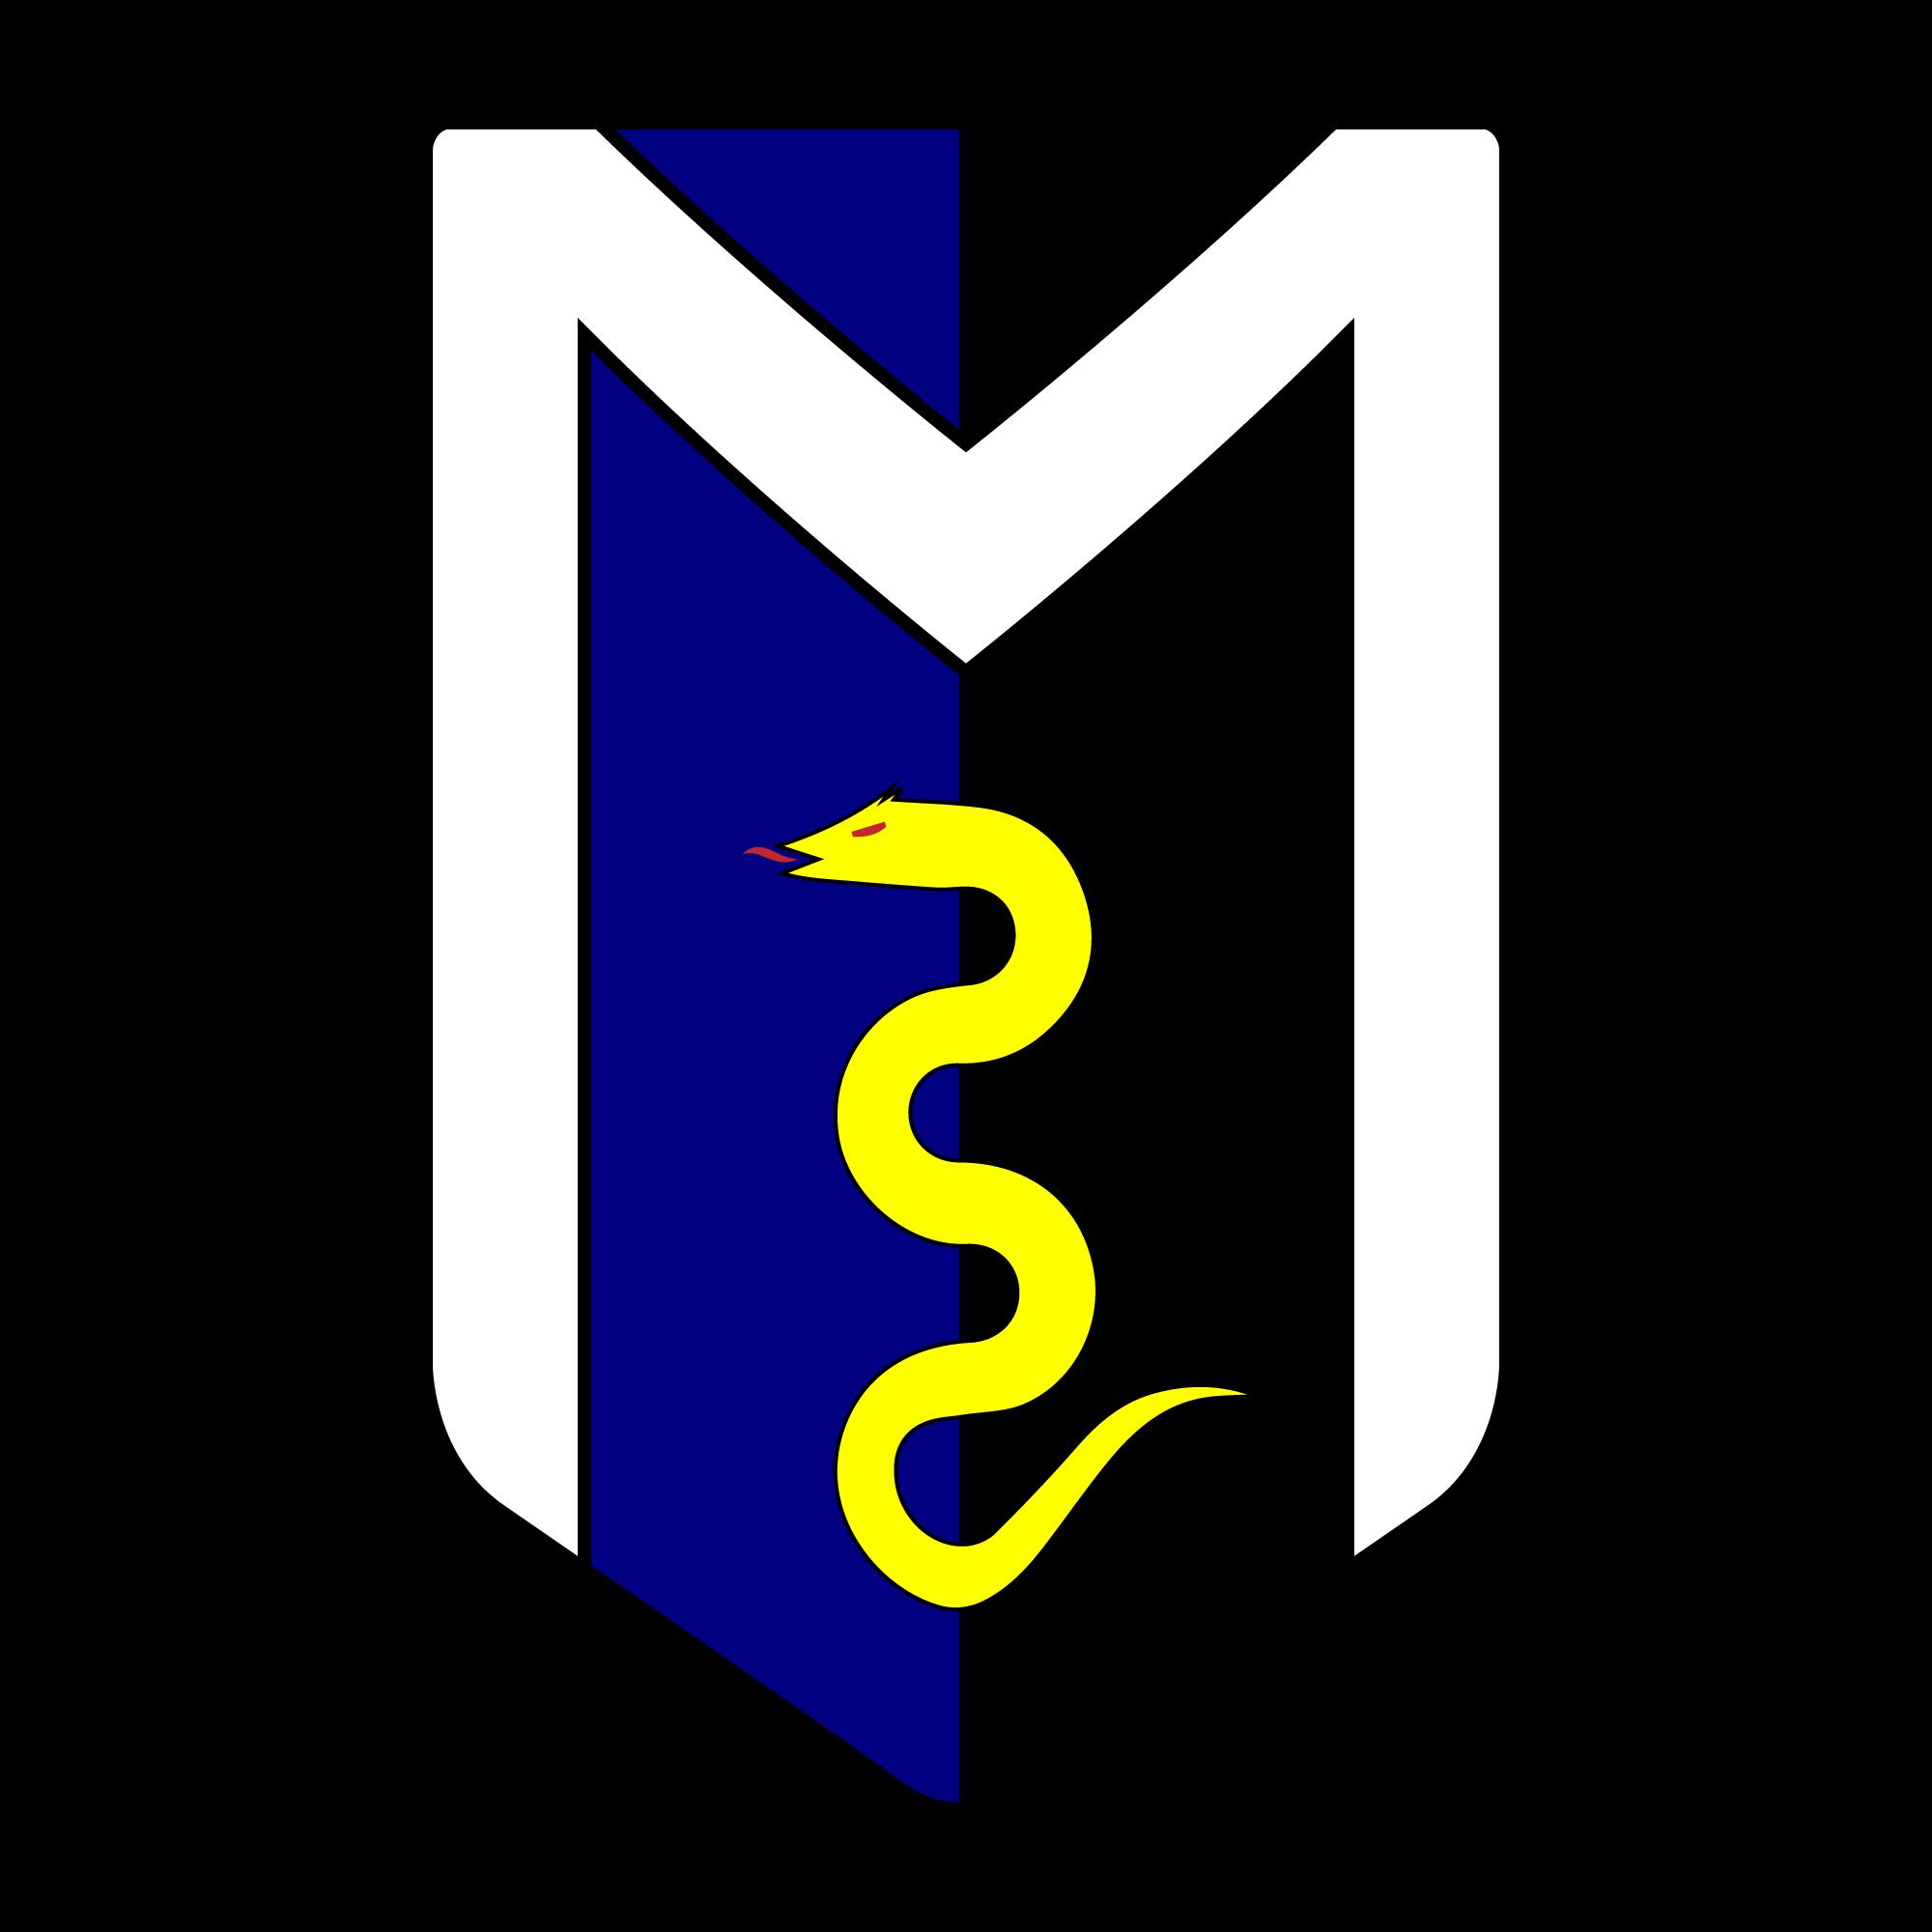 Magic-Suio